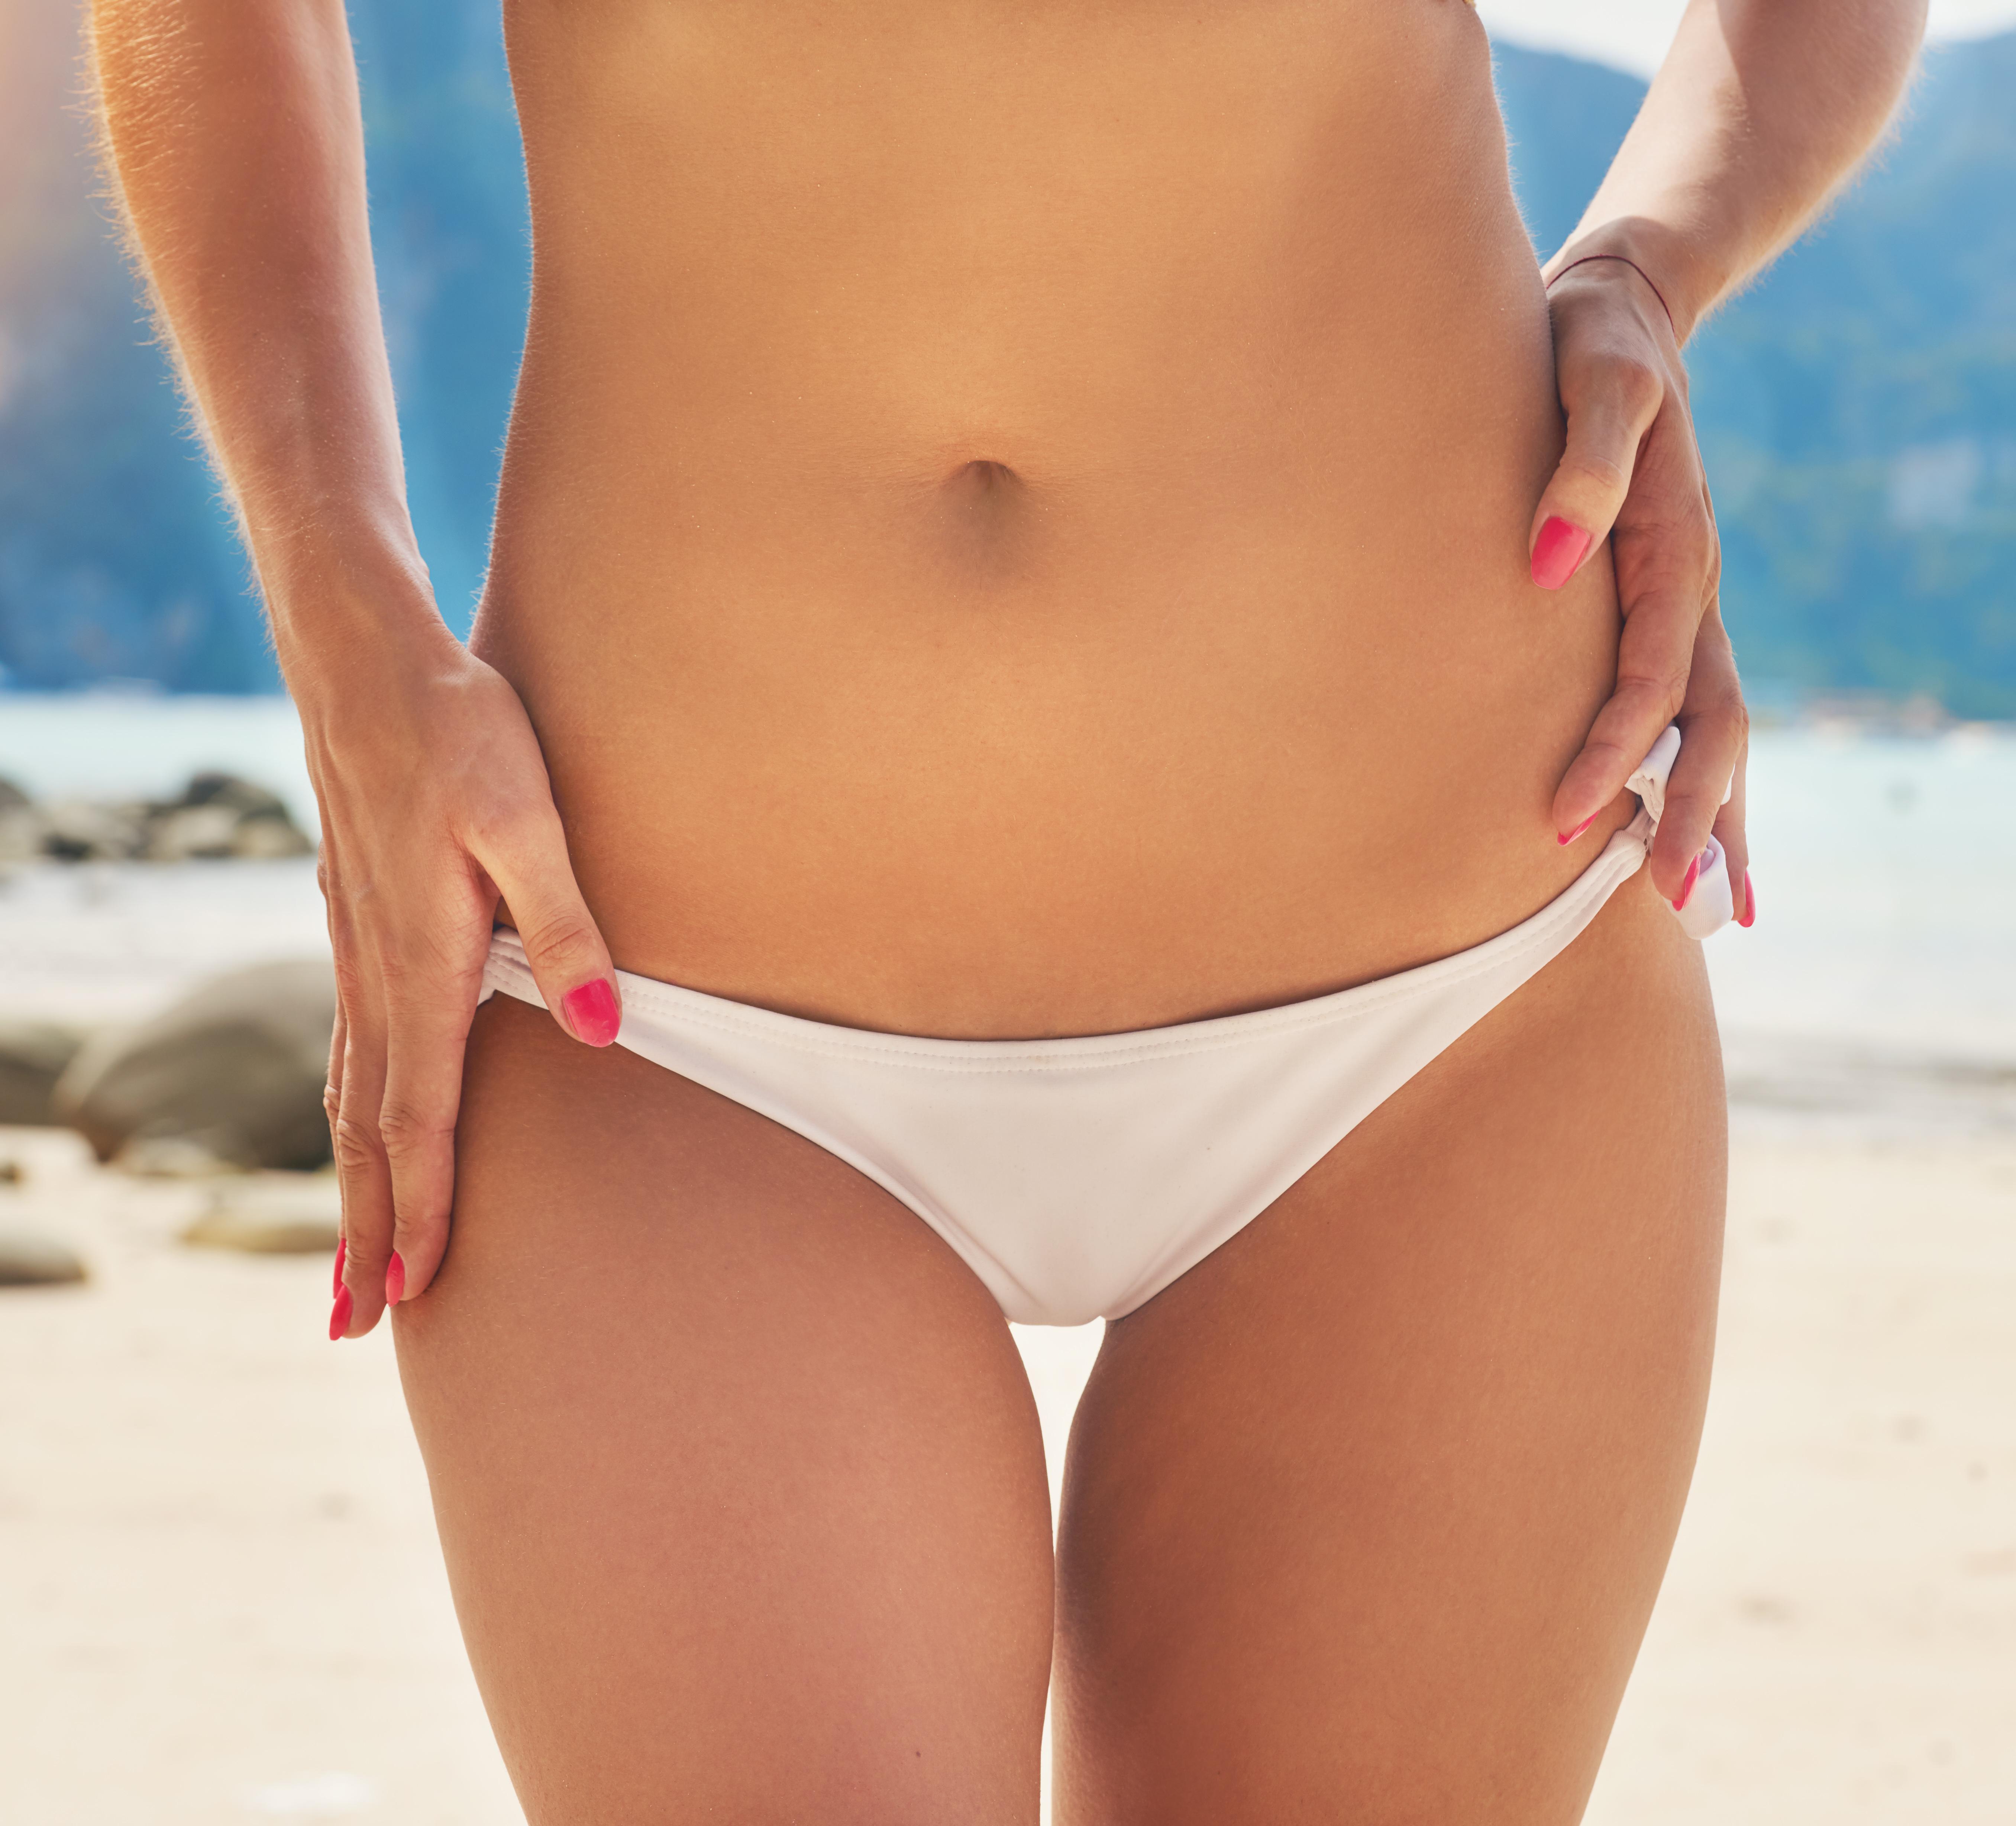 bikini, bikini wax, depilación, consejos, tips, pelo, depilar